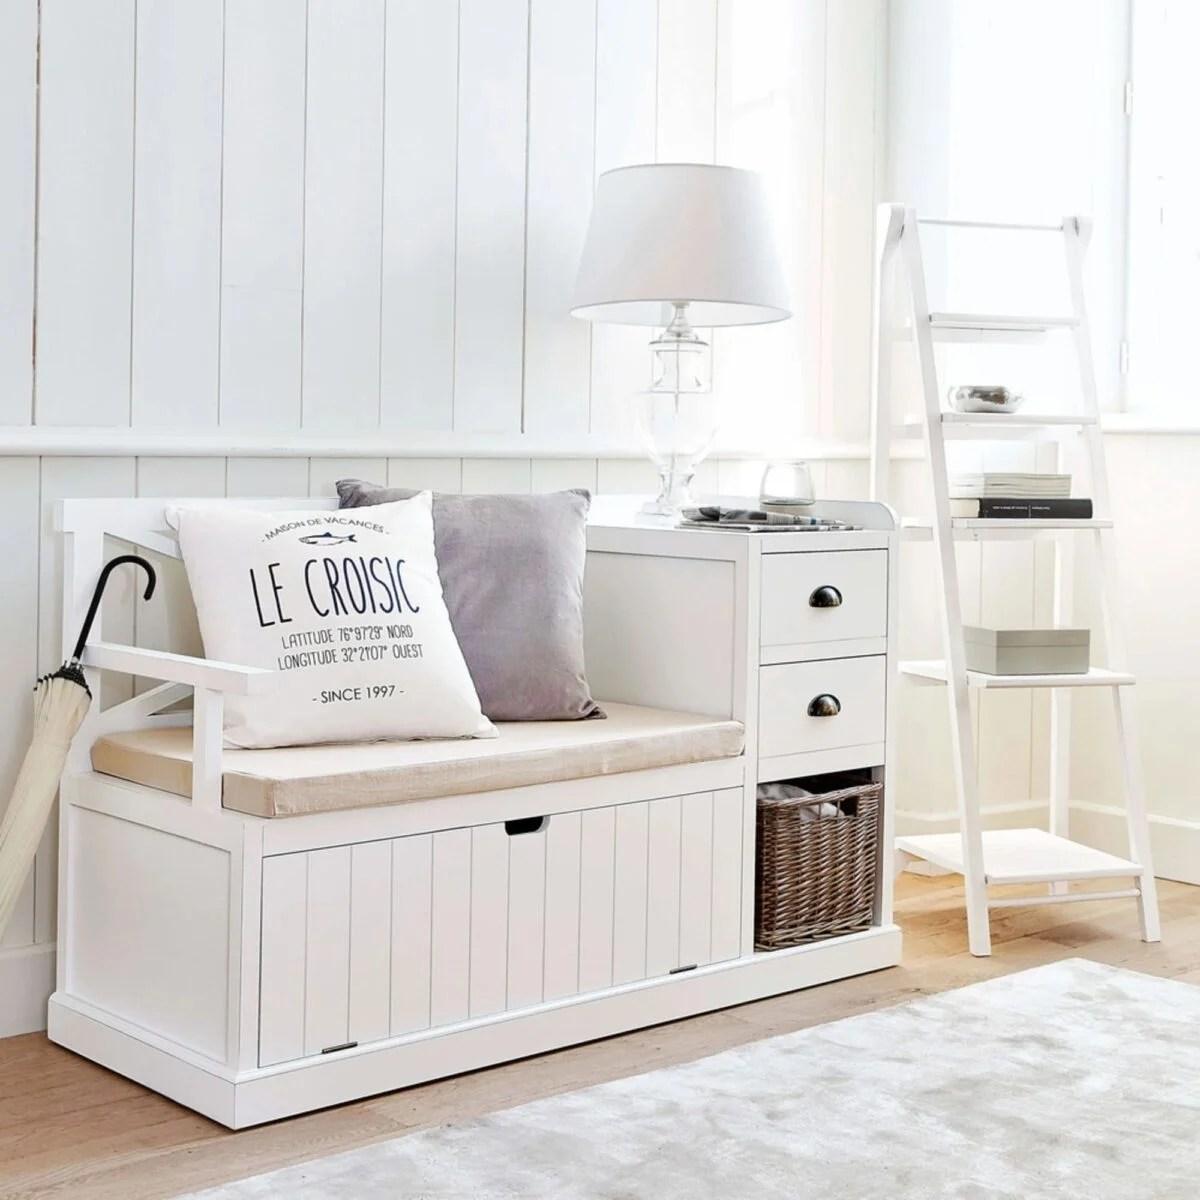 Dai un'occhiata ai nostri mobili e oggetti decorativi e fai i pieno di ispirazione! Mobili Per Ingresso Maisons Du Monde